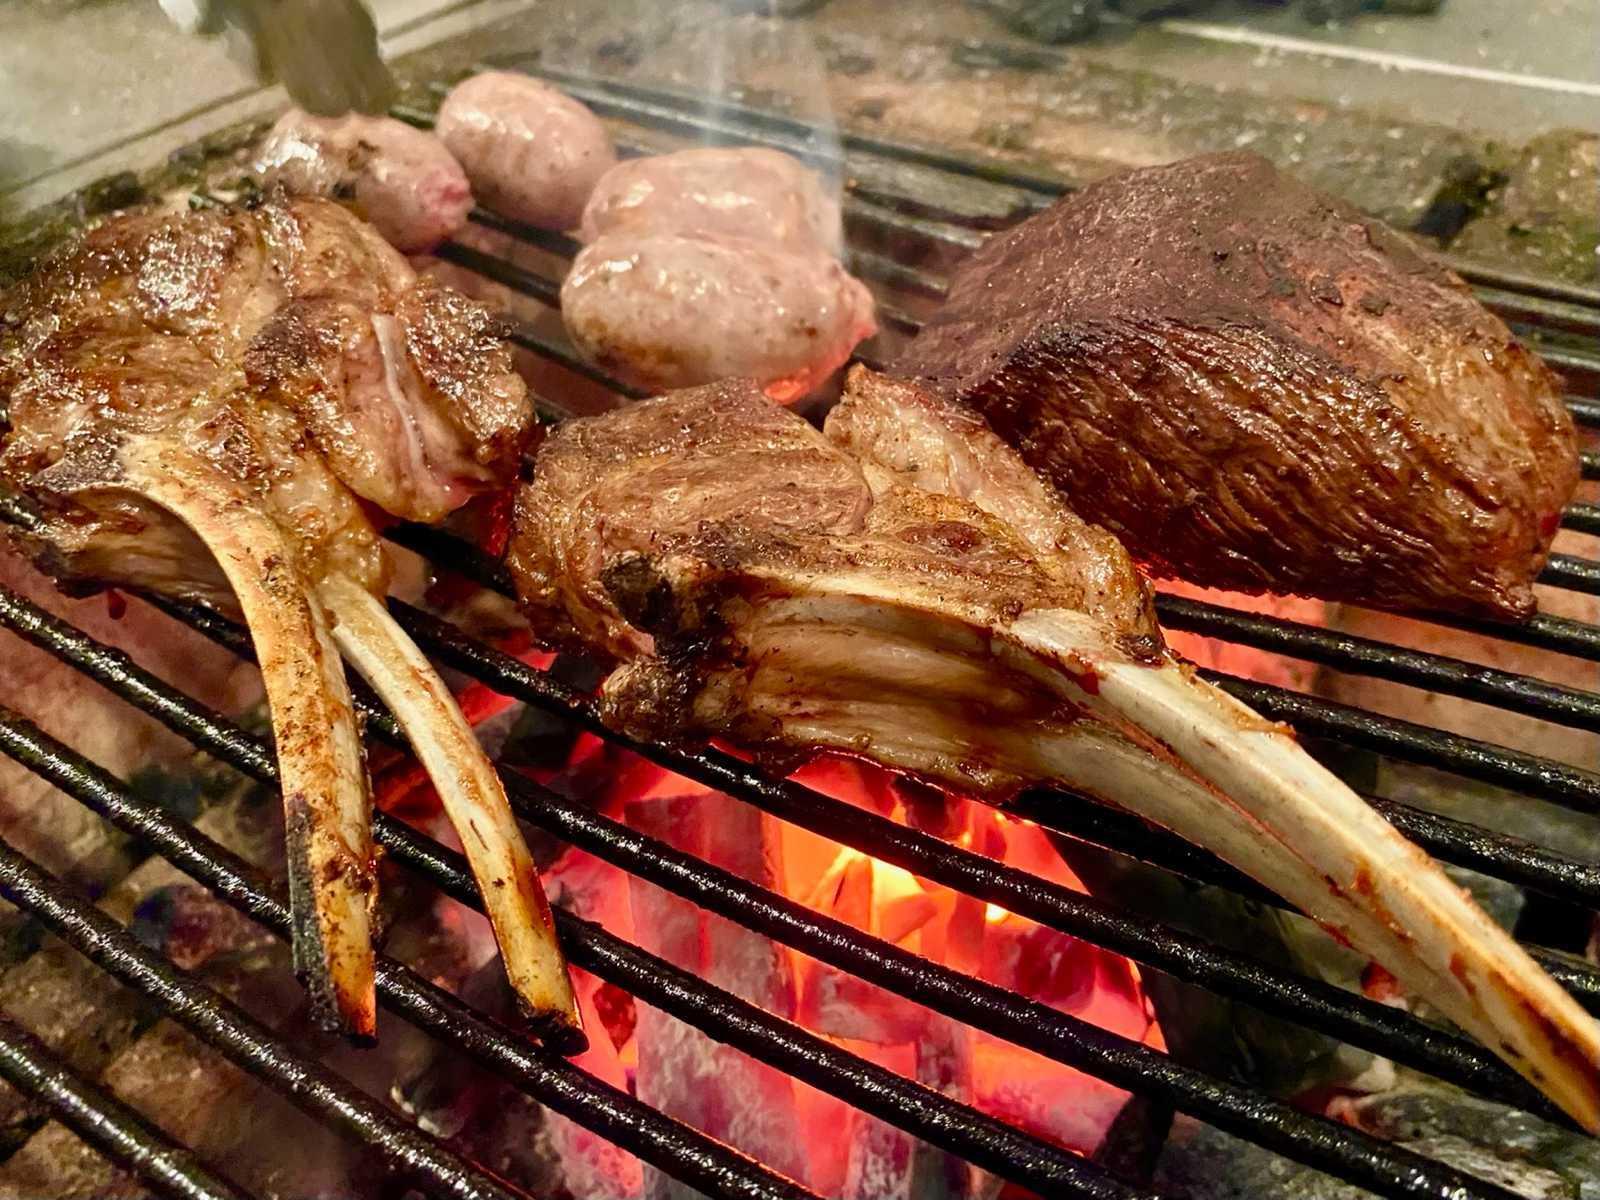 topic : HiRo大阪店で味わう真夏の炭火焼き